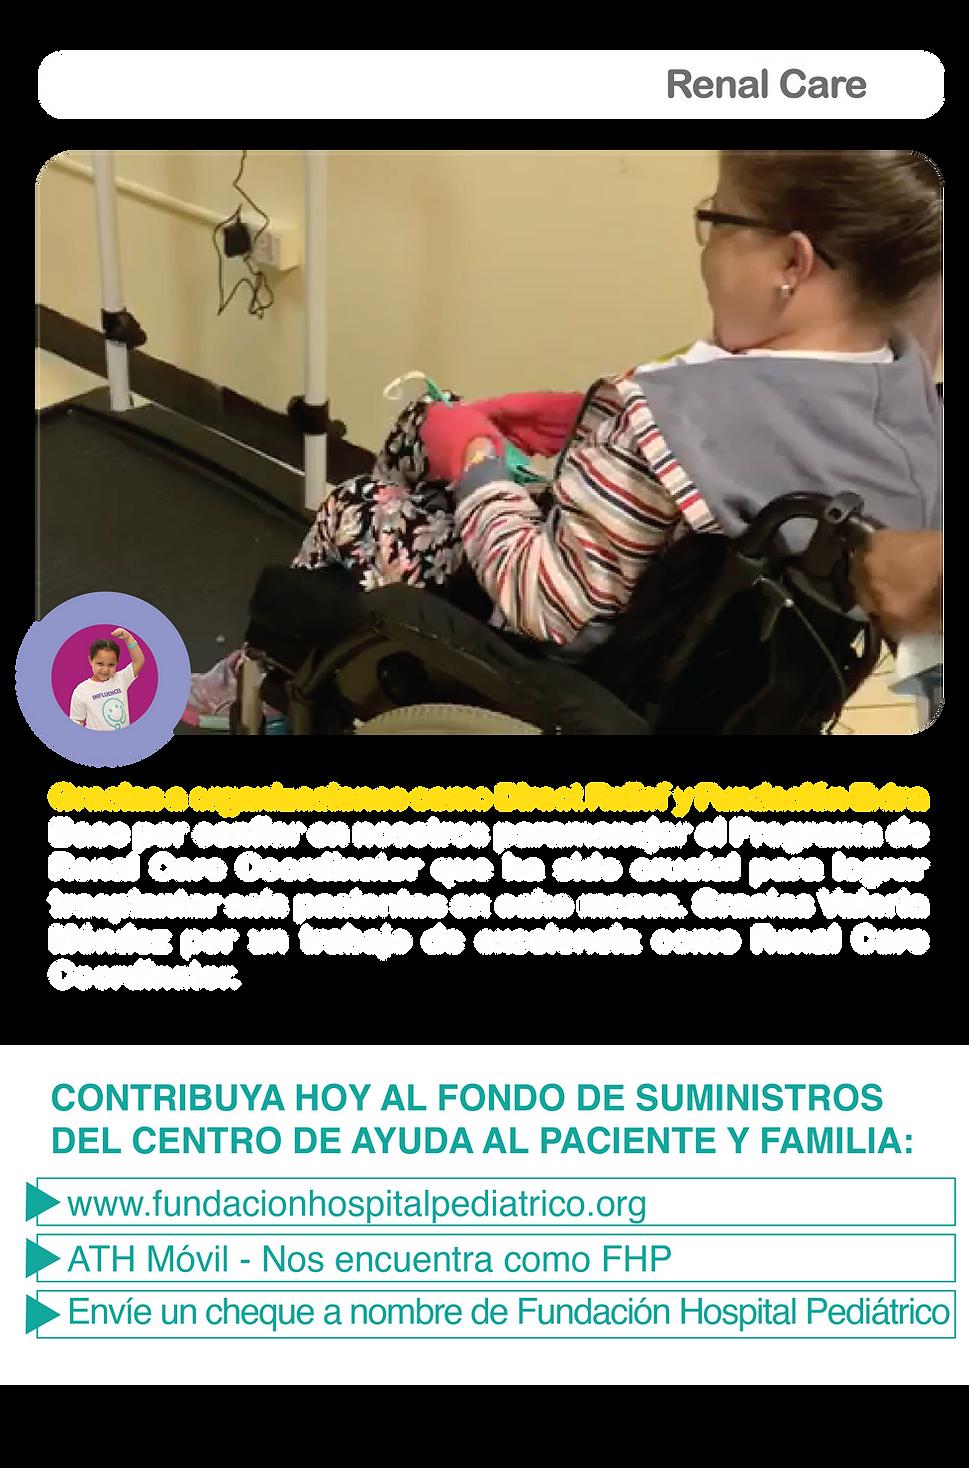 Fundación 21-09-12 Fondo Ayuda al Paciente_Text 2 copy 3.png